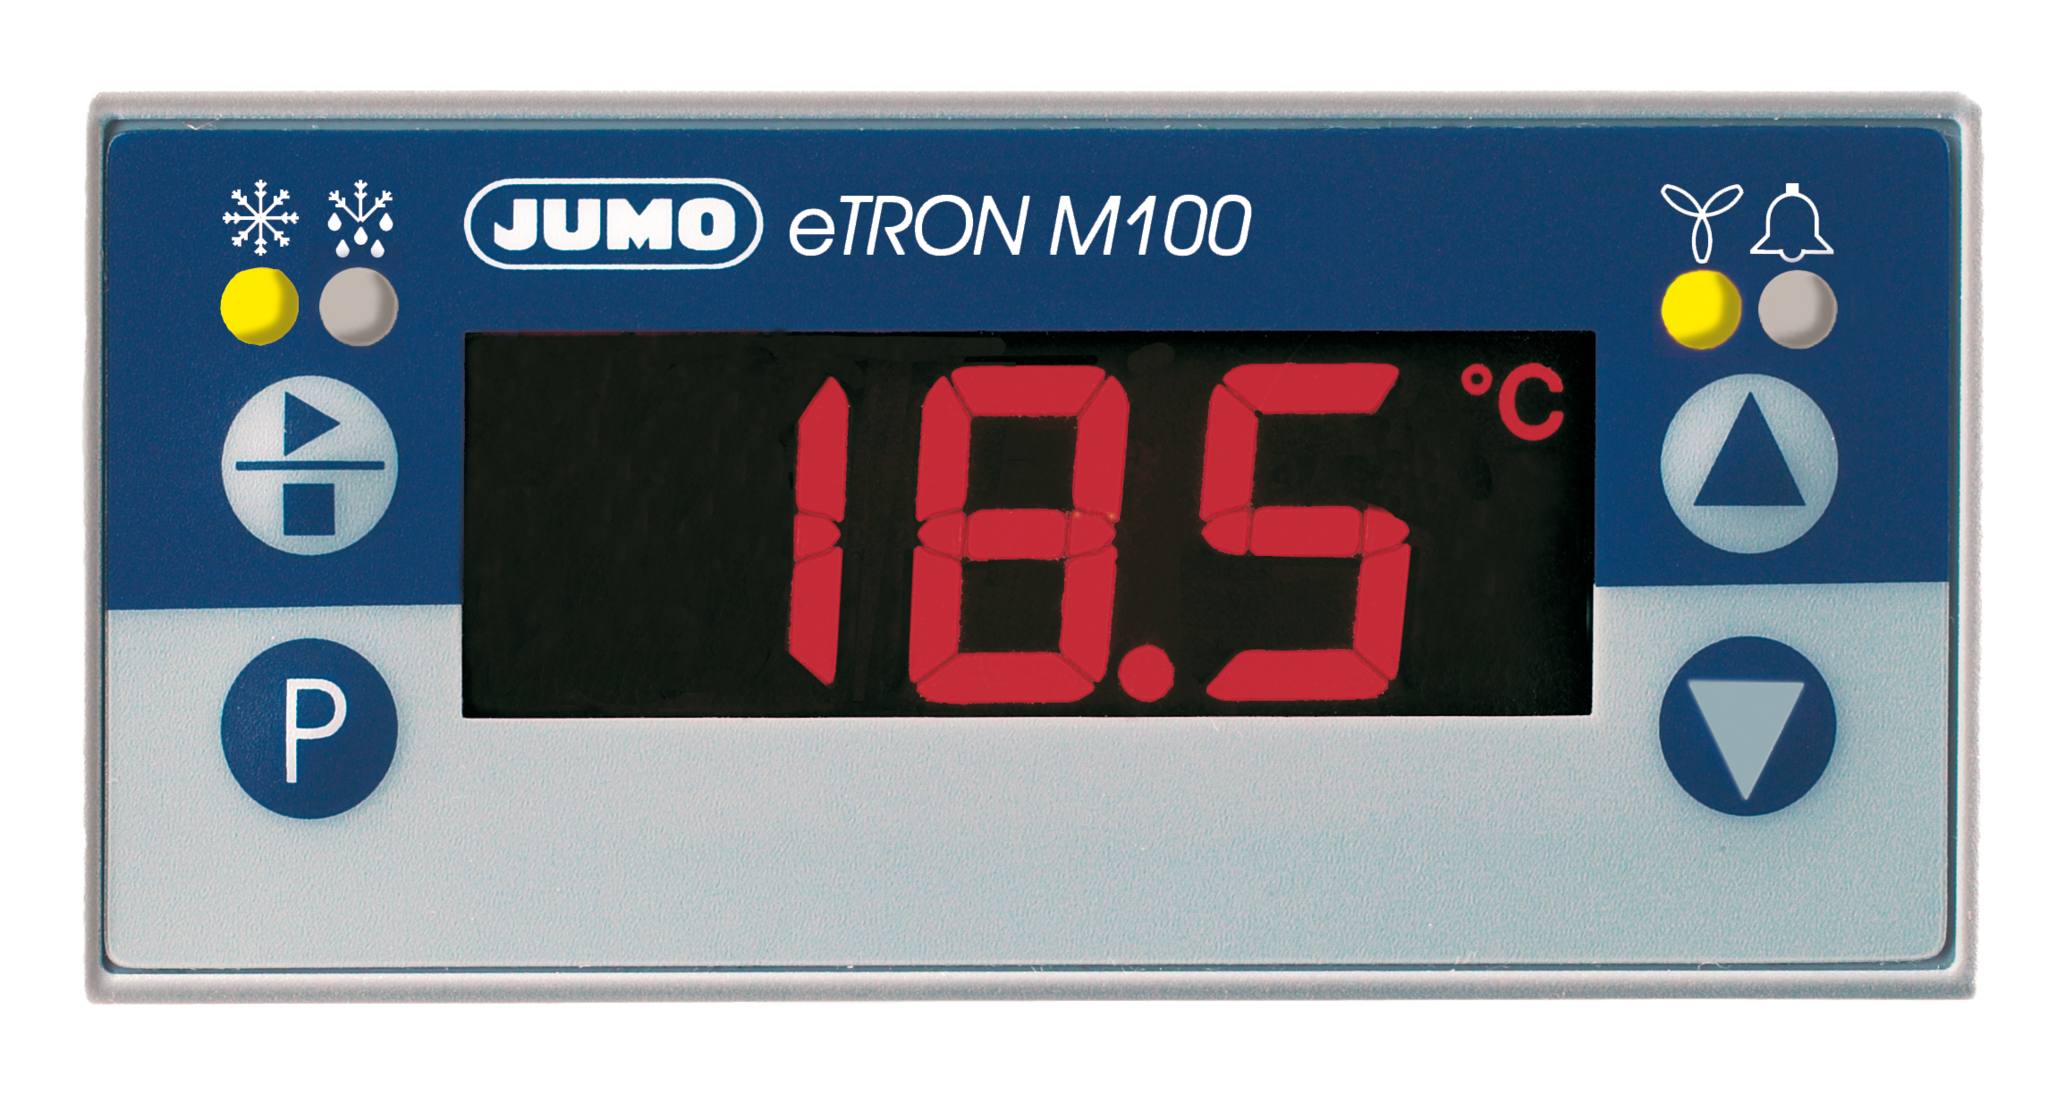 JUMO eTRON M100